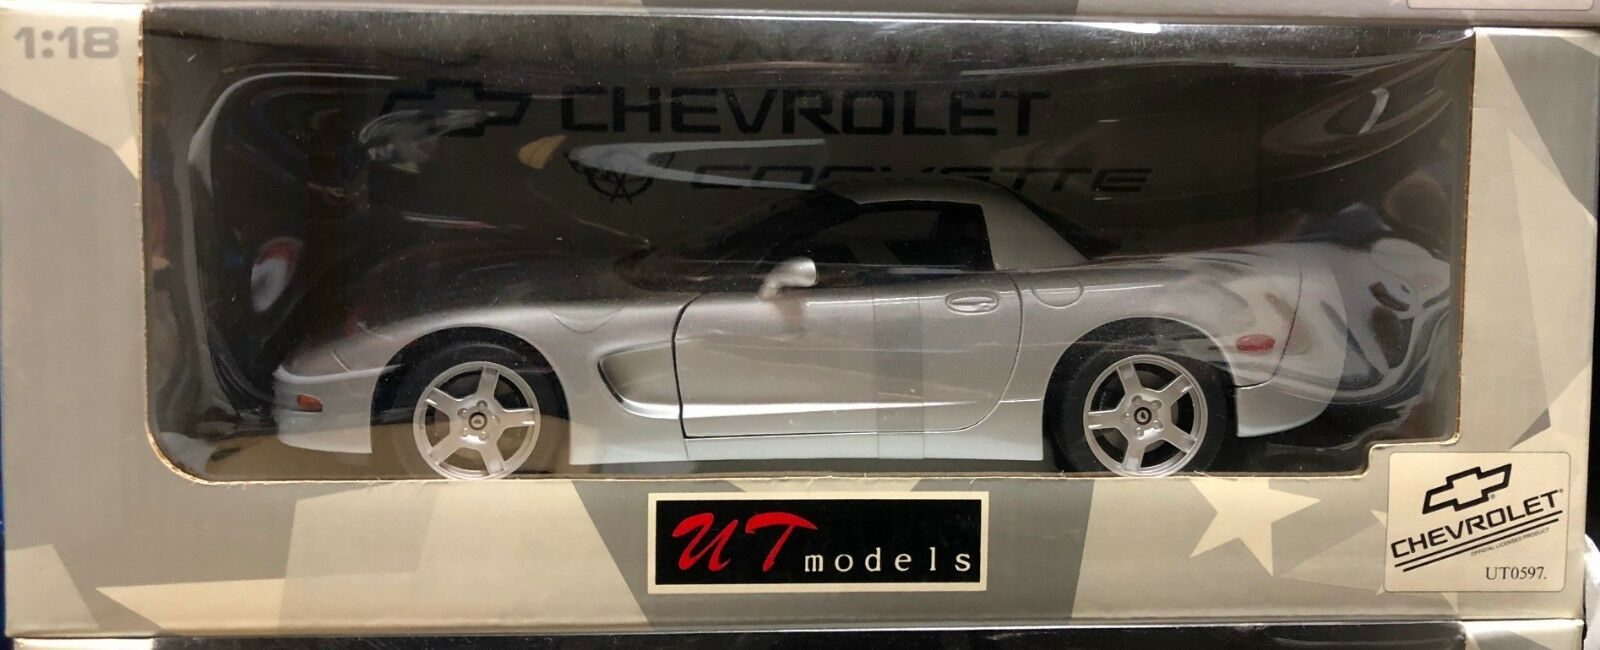 1999 CHEVROLET CORVETTE C5 Hardtop argent par UT MODELS 1 18 Brand New in Box